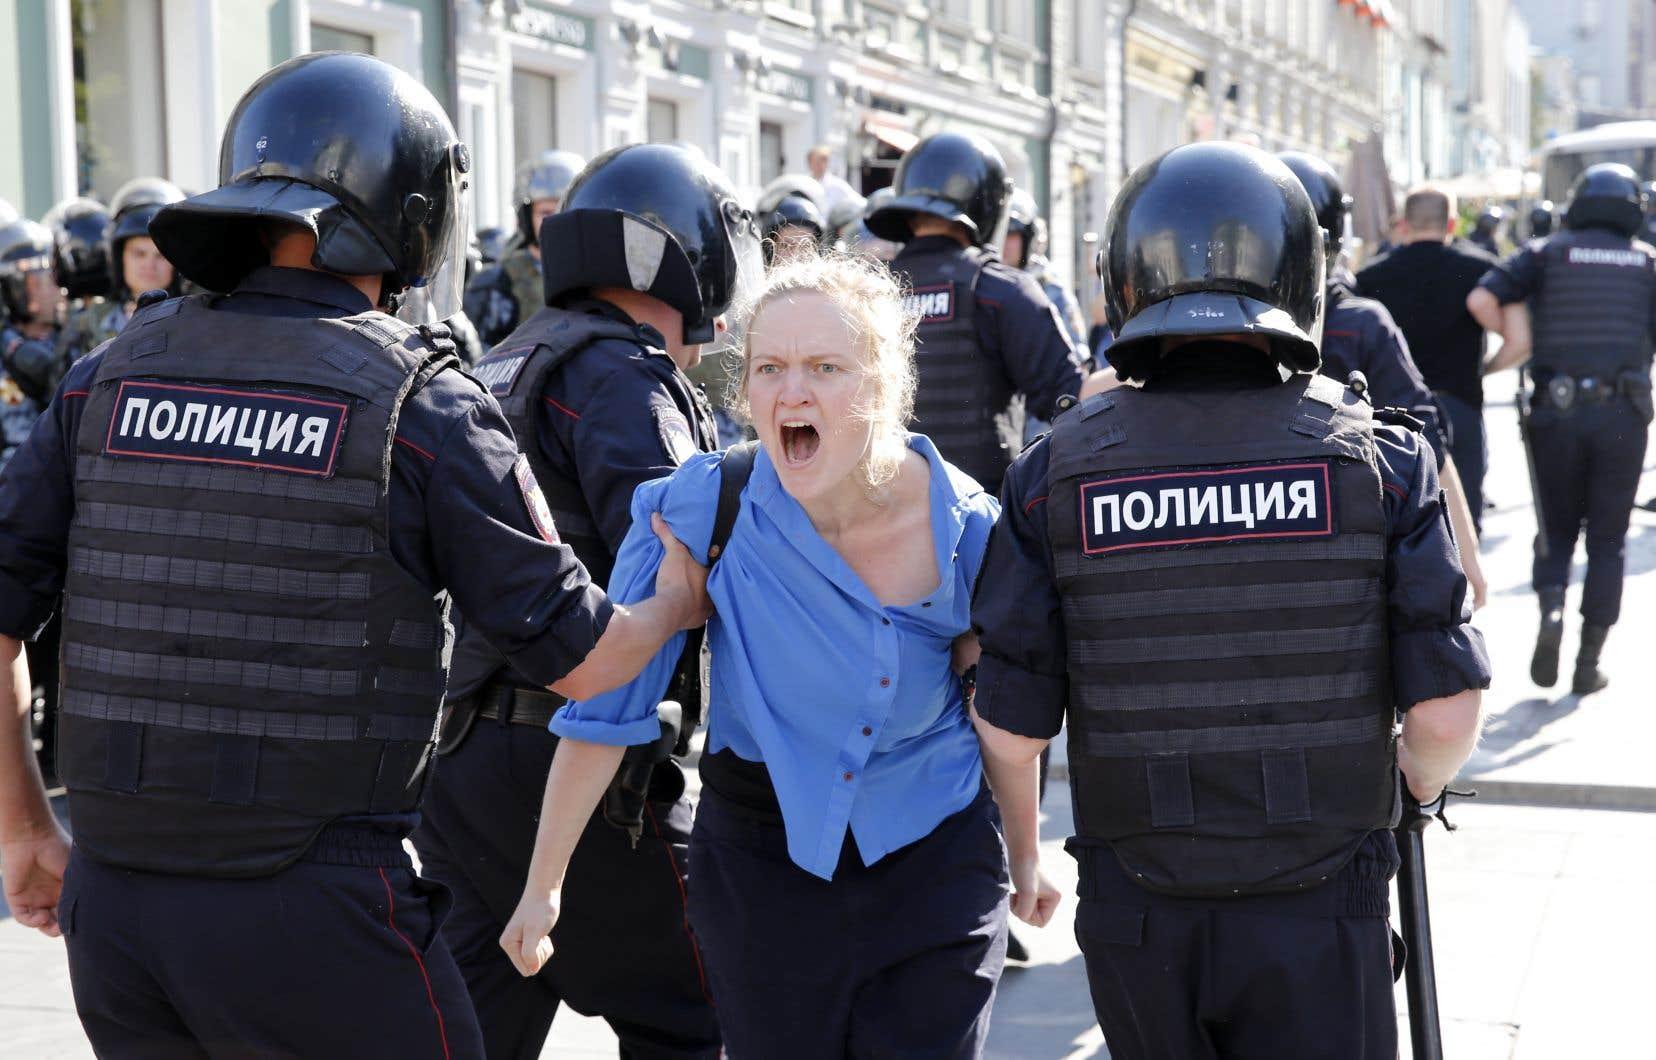 Des policiers arrêtent une manifestante lors d'un rassemblement non autorisé au centre-ville de Moscou, samedi dernier.